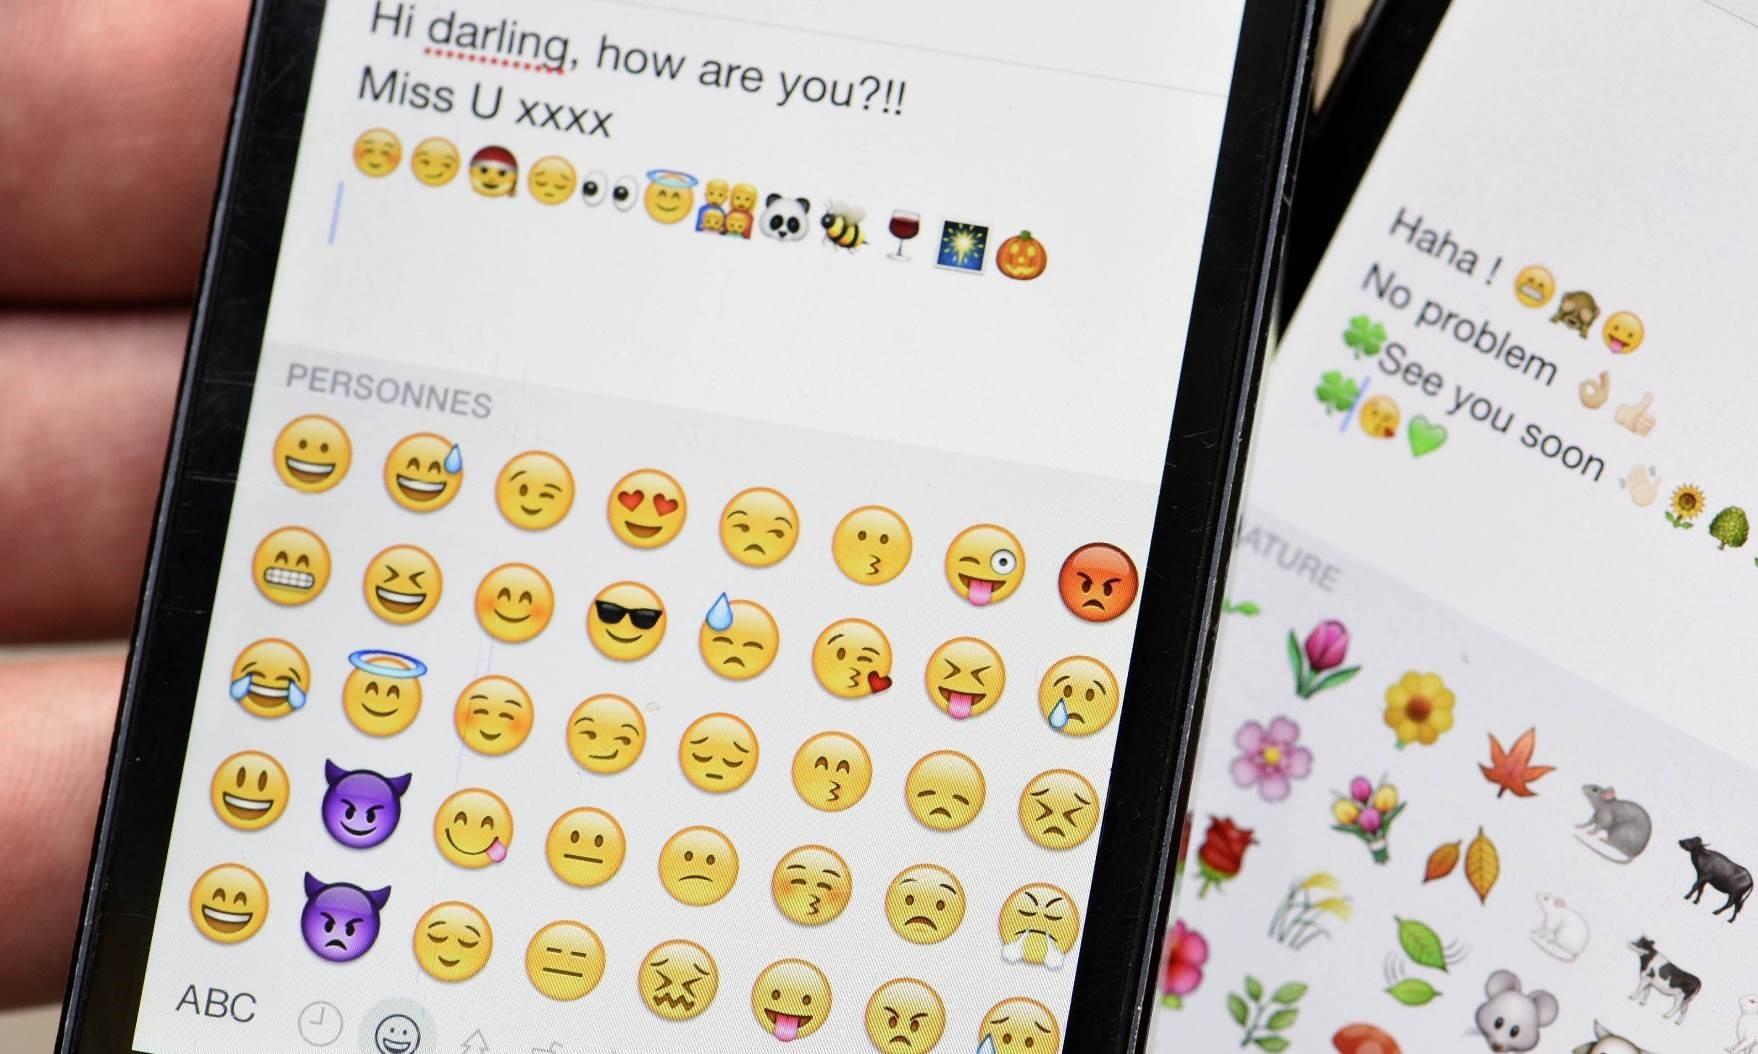 Эволюция мобильного сленга: когда графика заменит слова? - 1